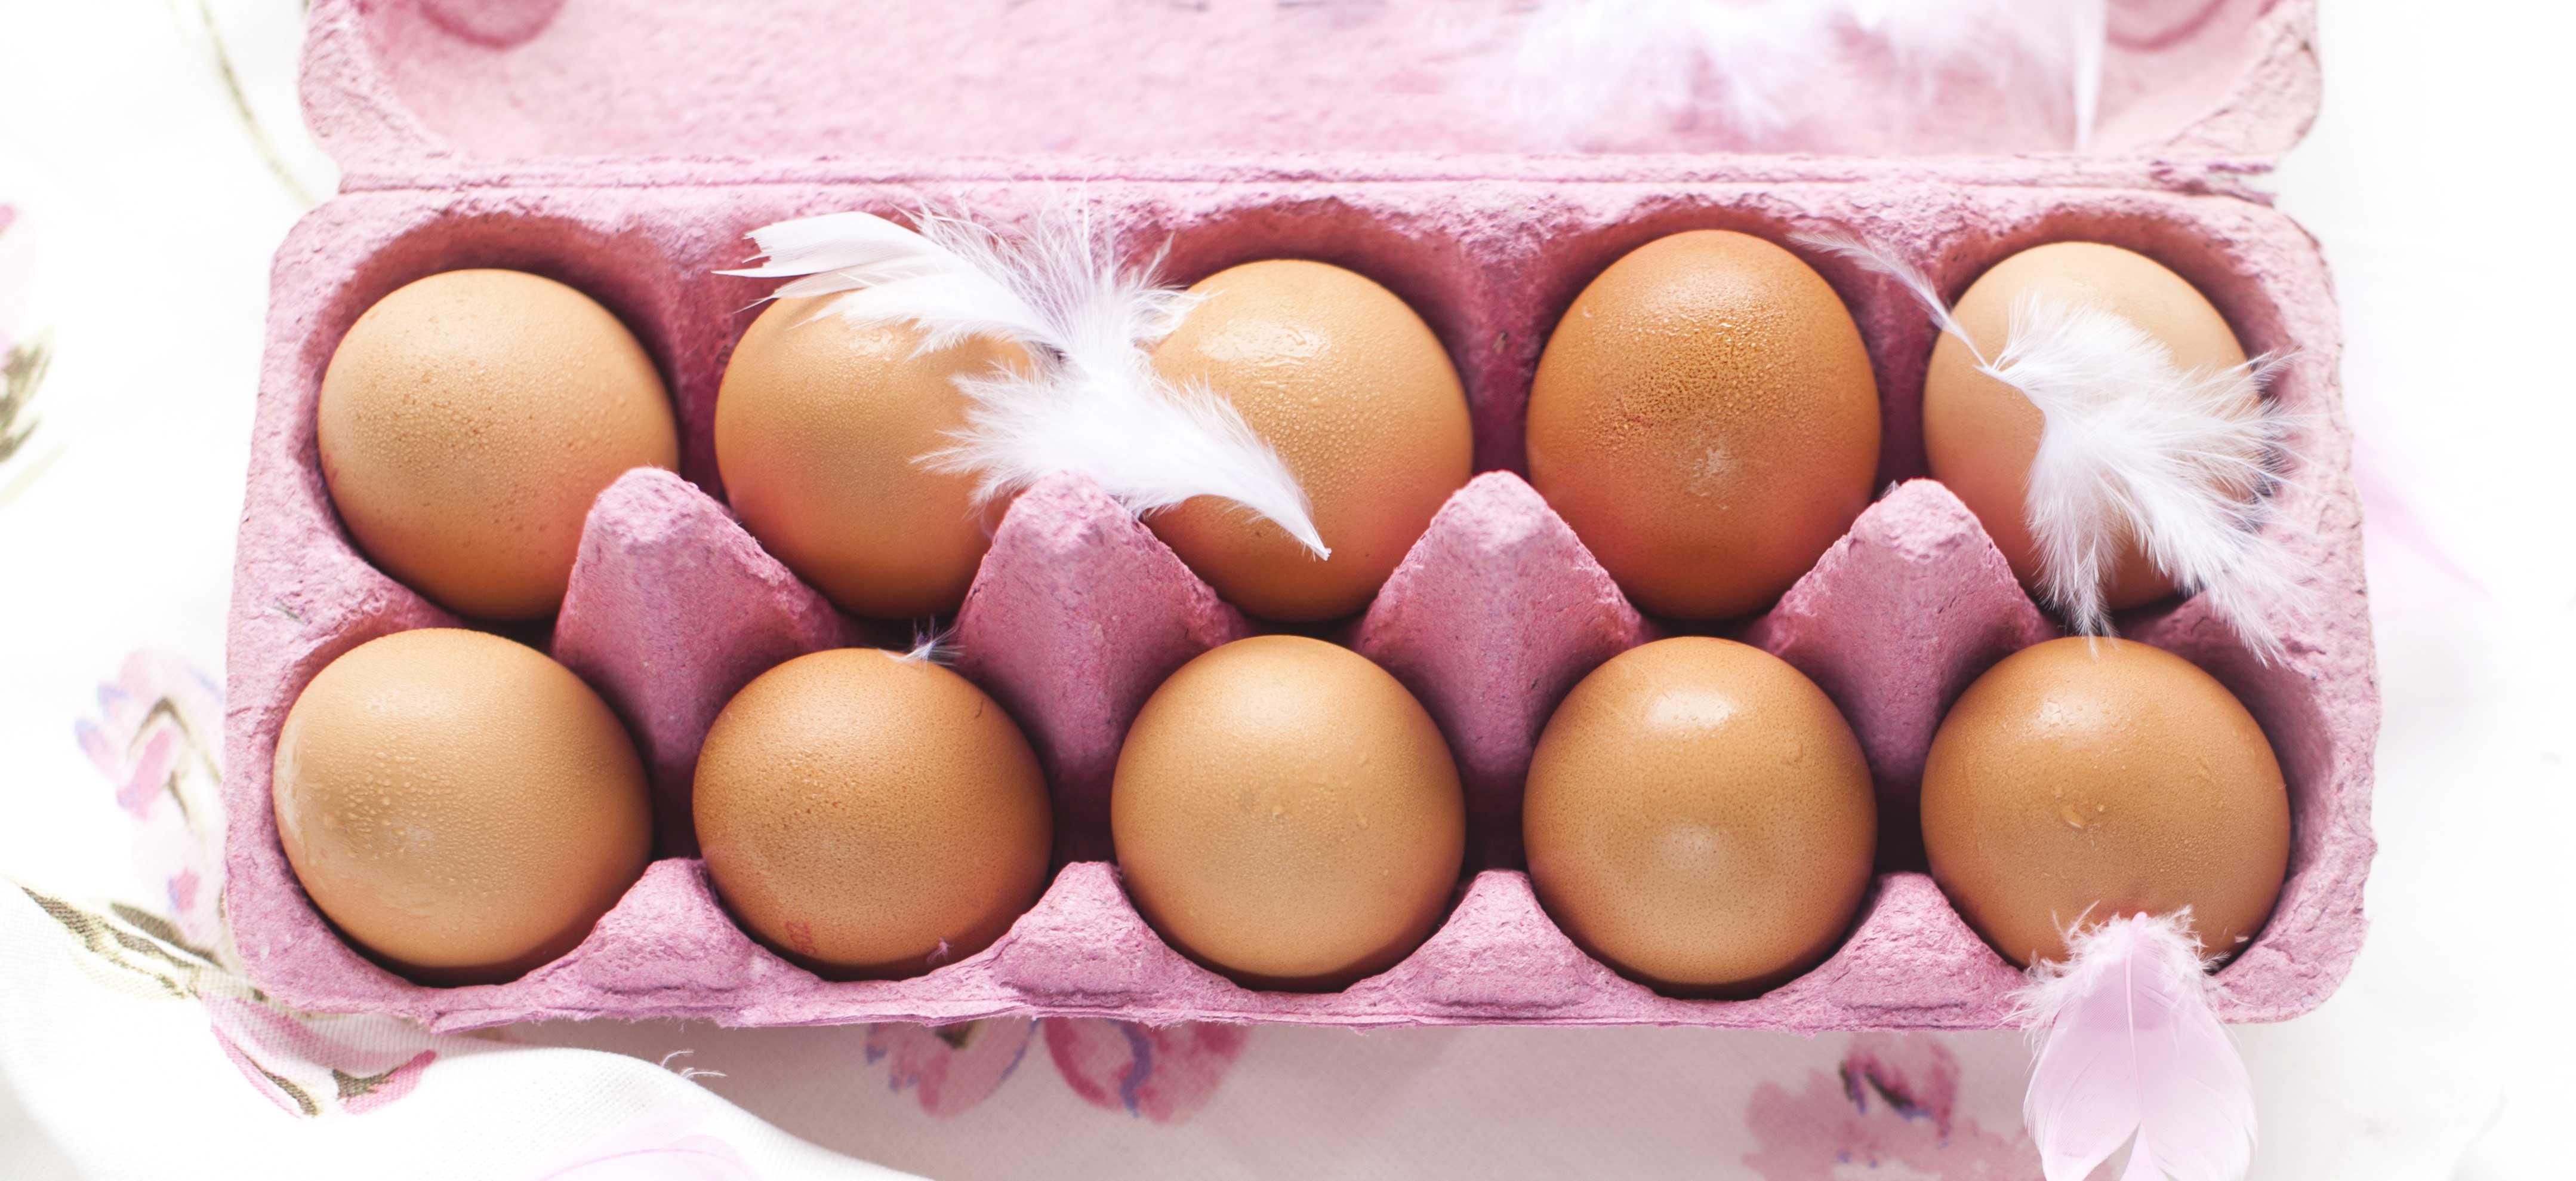 Donsveertjes tussen je eieren: een marketingtruc?